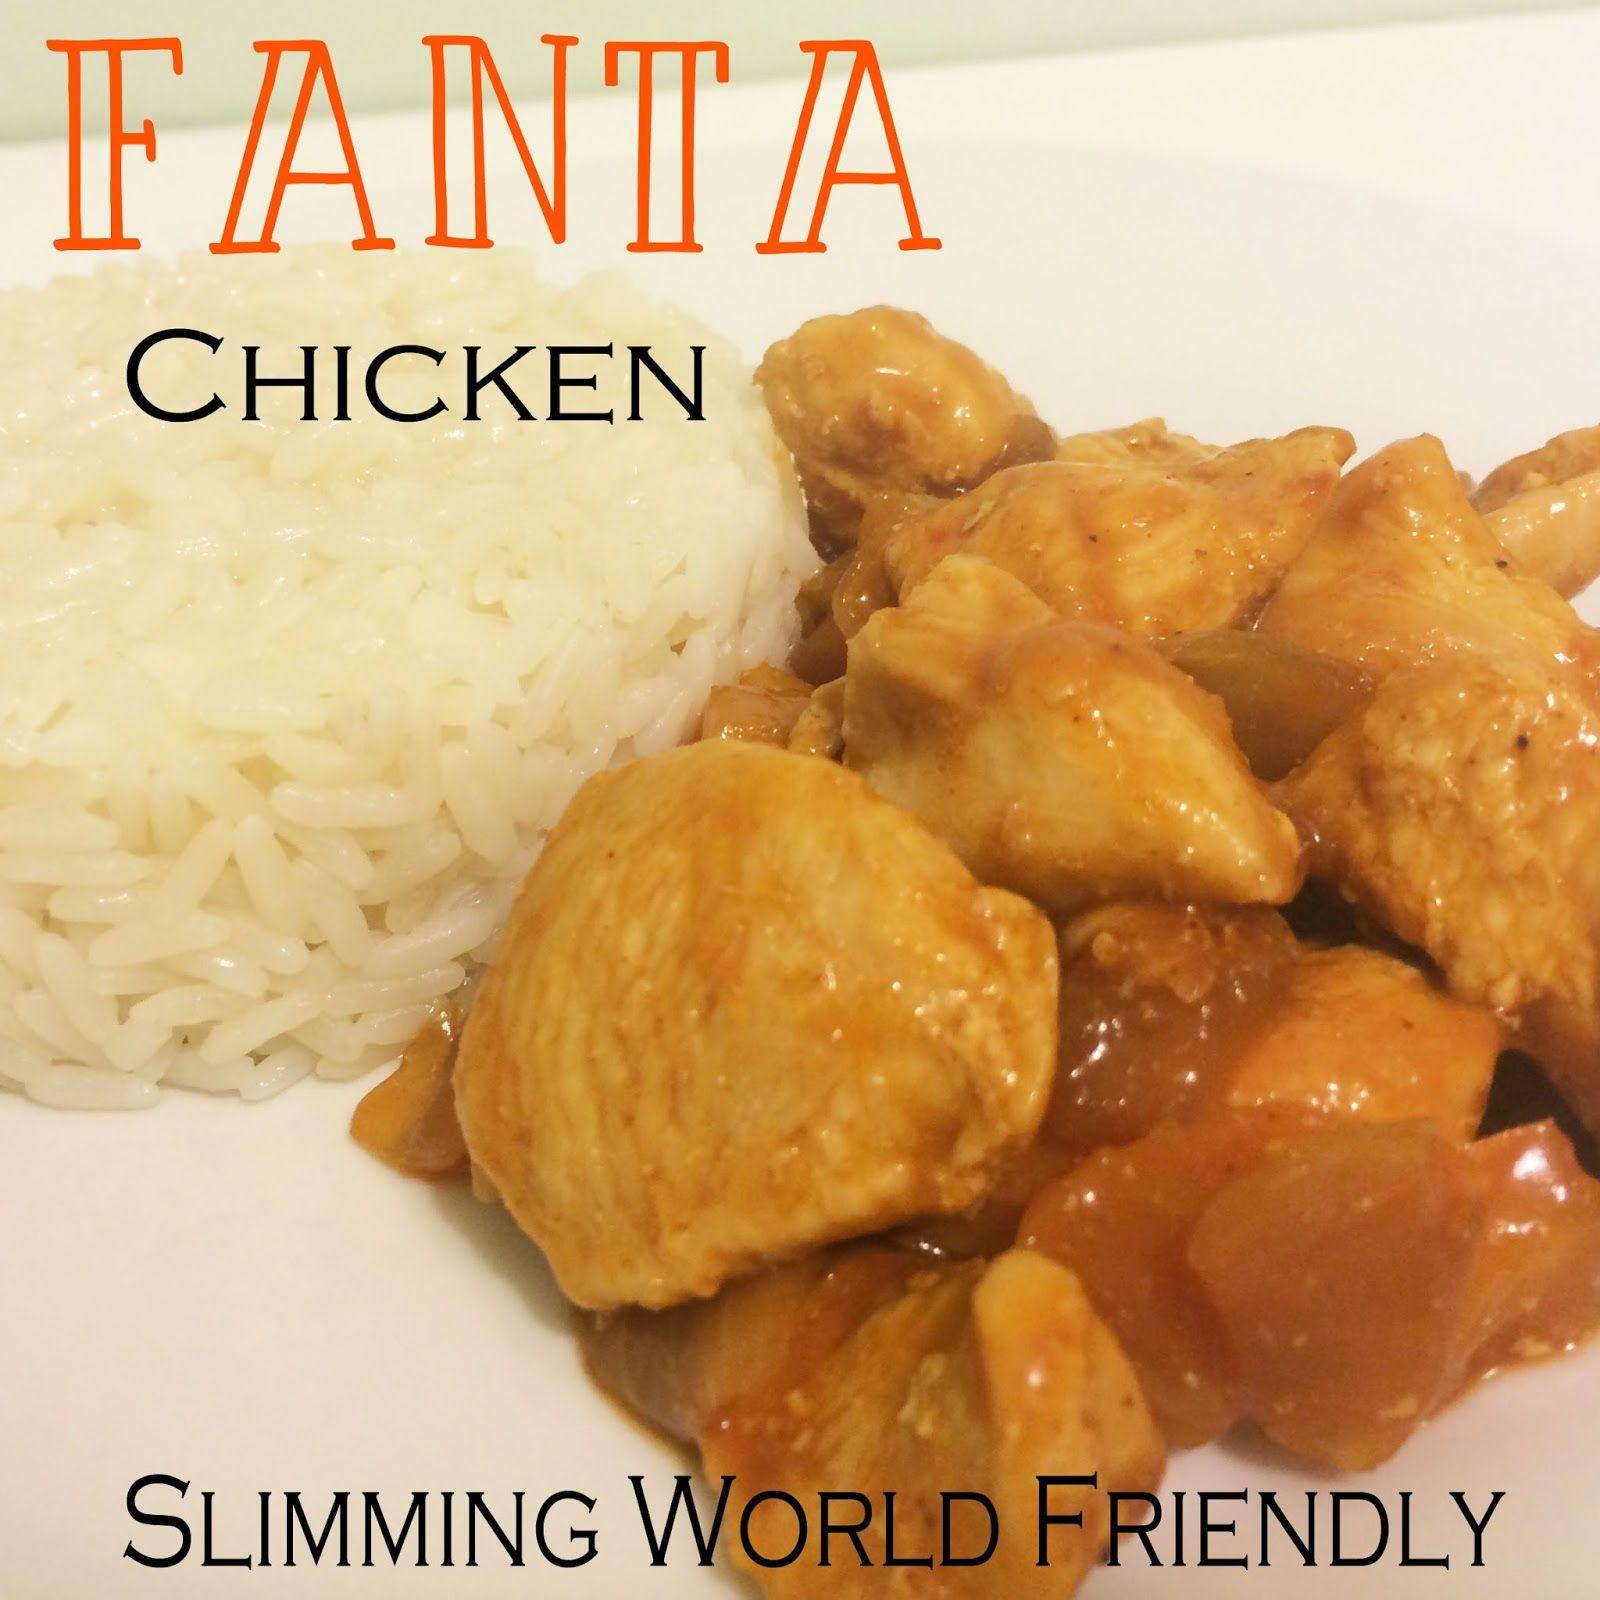 Slimming World Syn Free Dinner Meal Idea Fanta Chicken